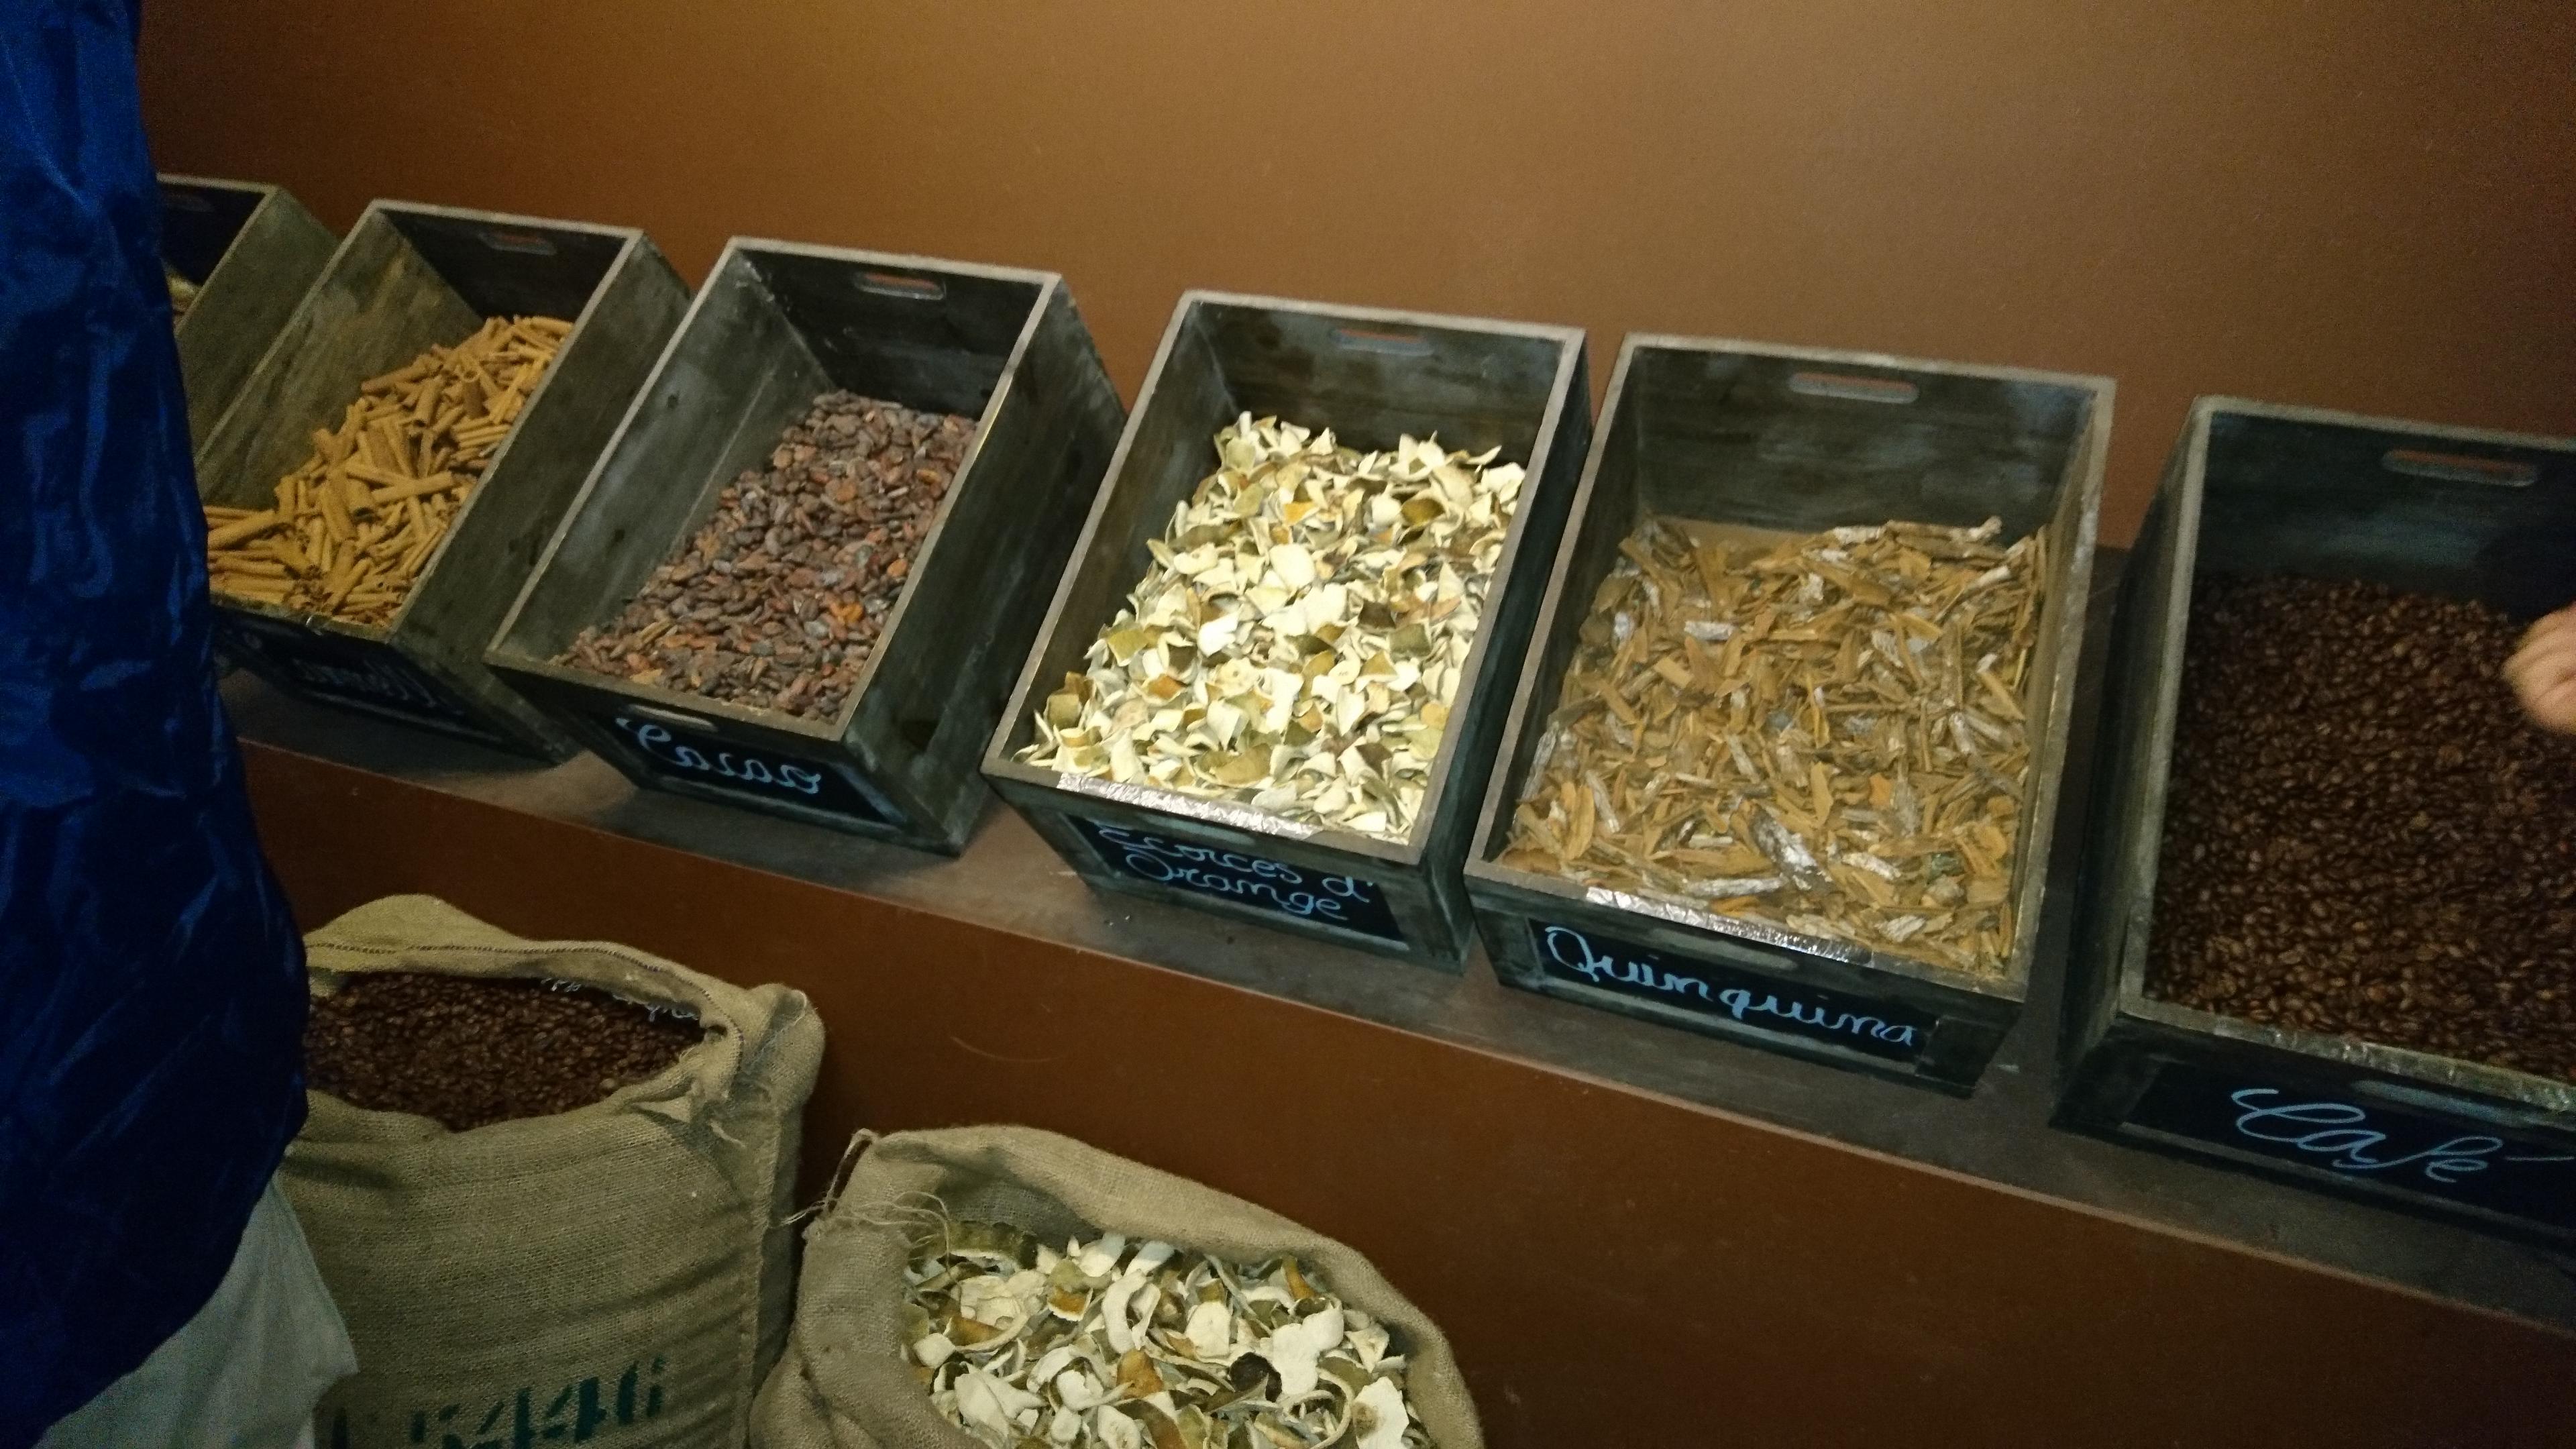 les épices qui servent à parfumer